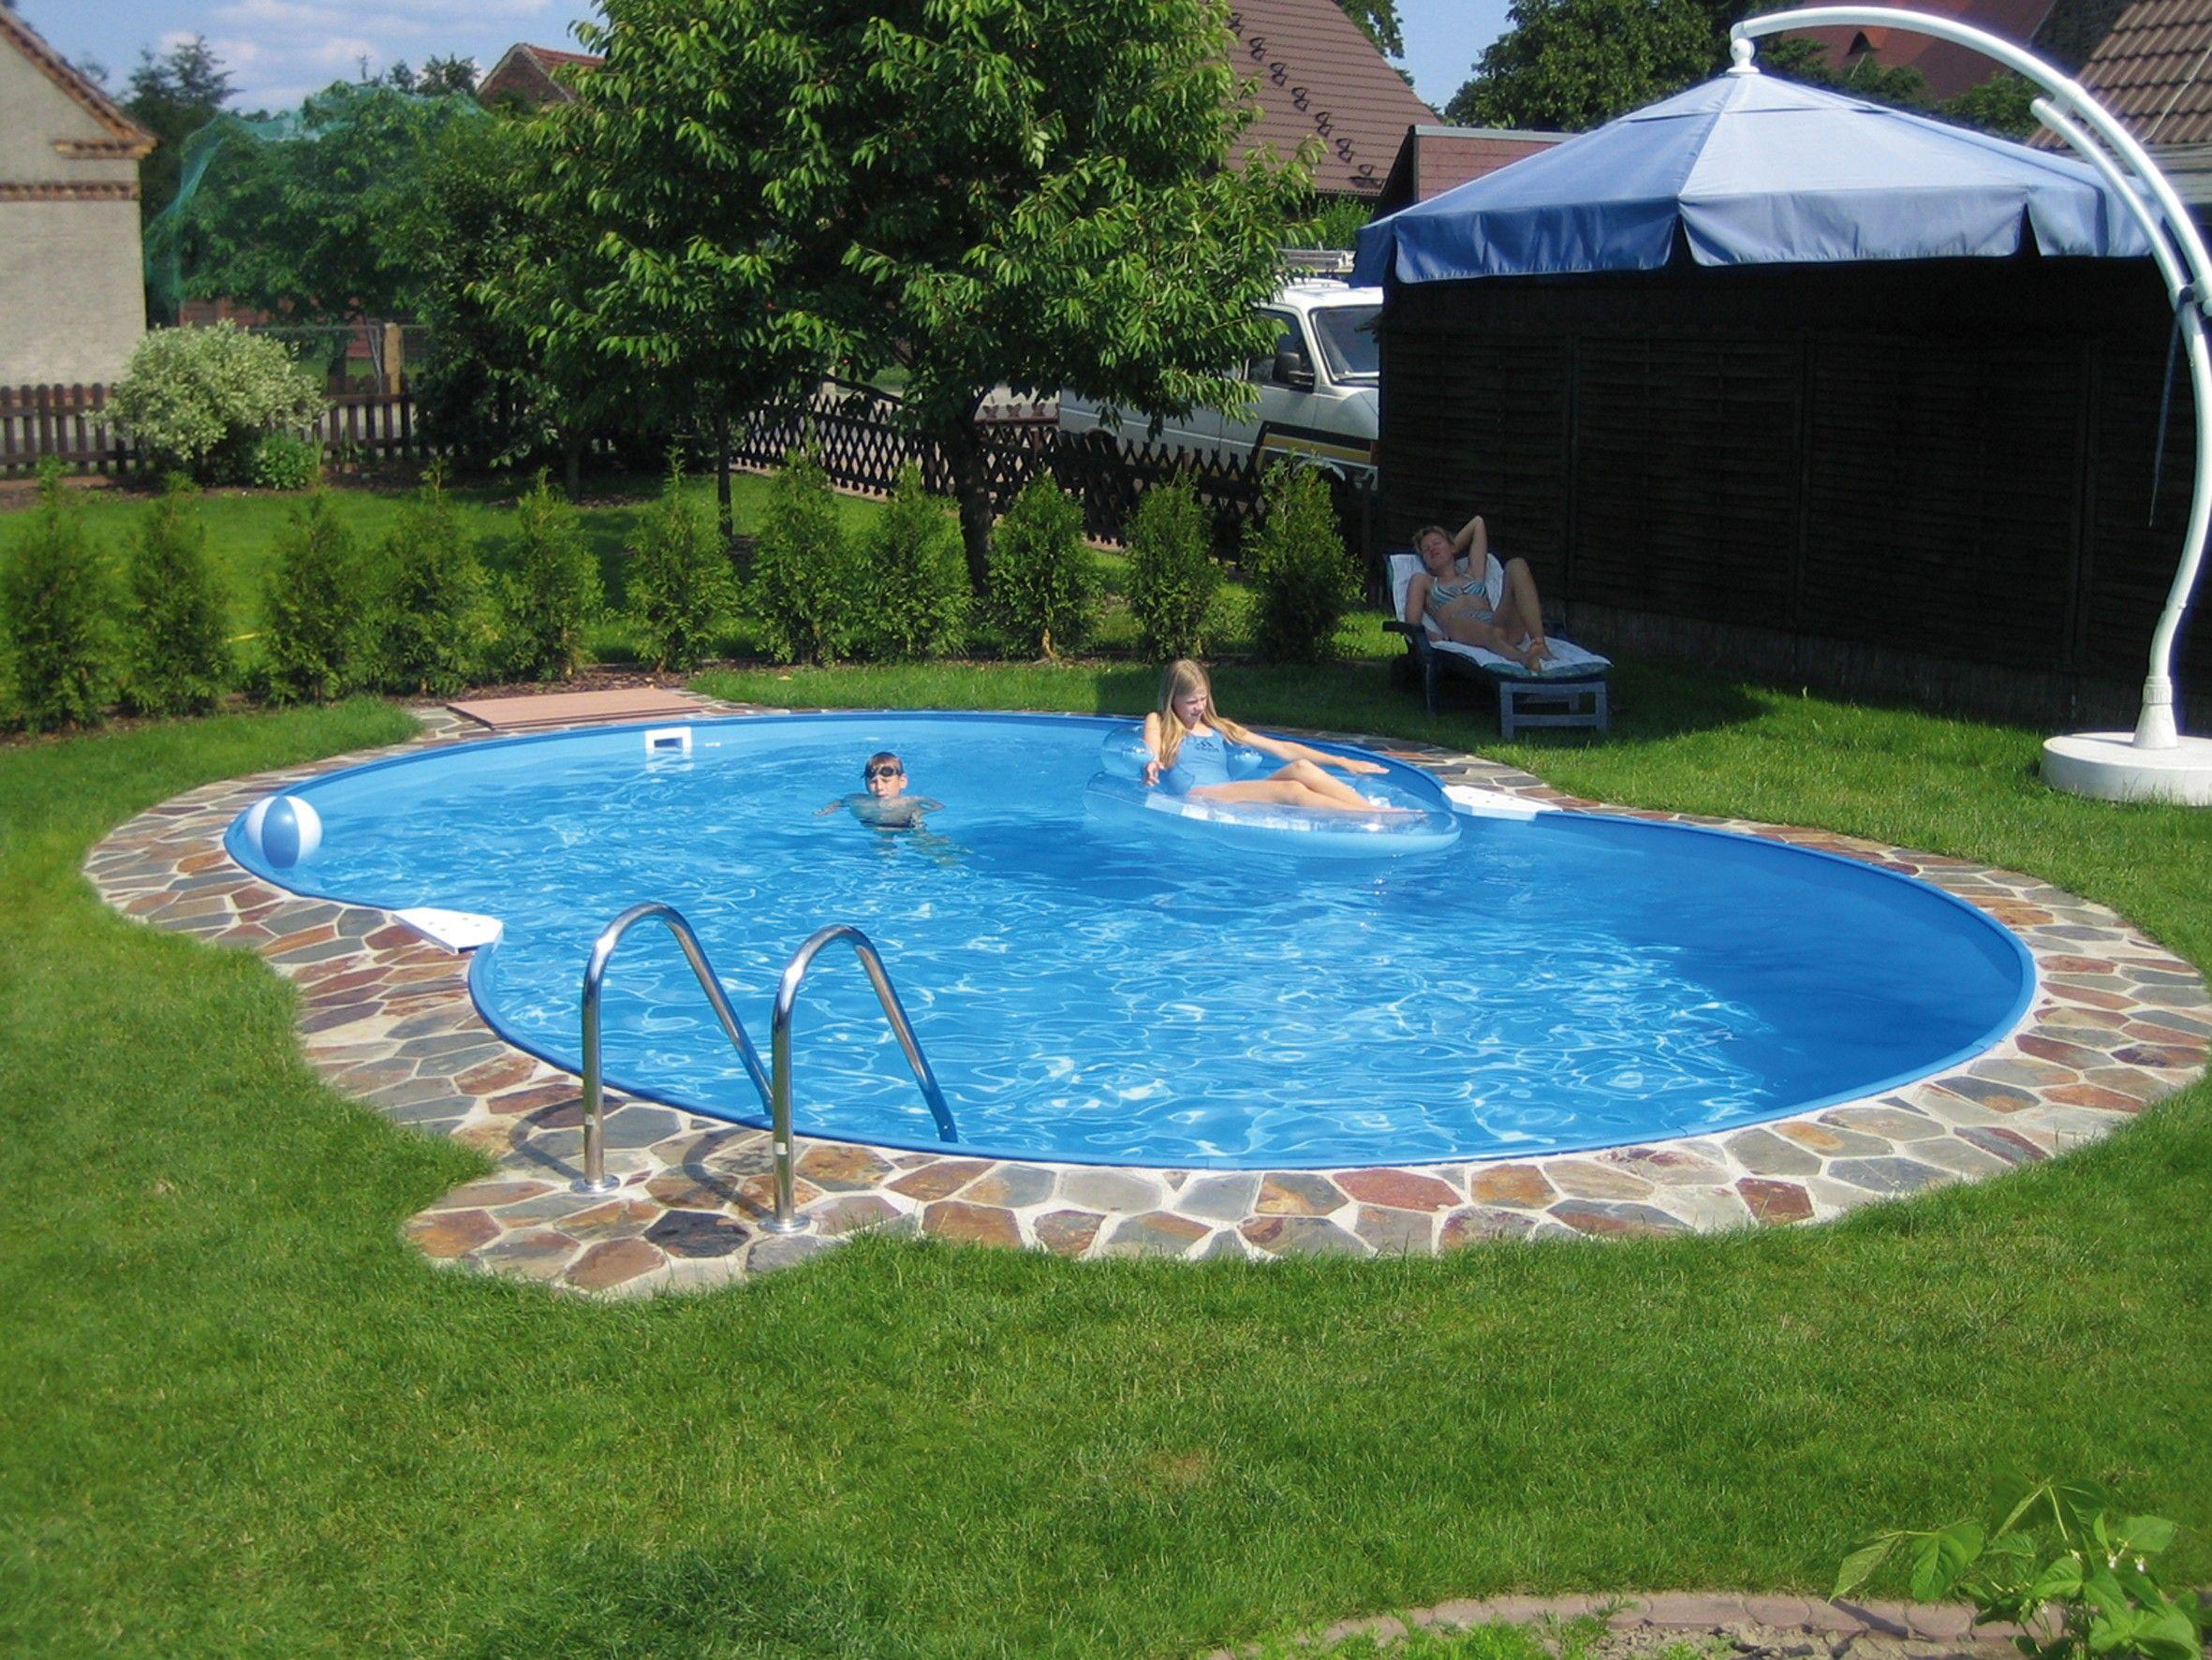 inground pools kids will love pool designs backyard swimming